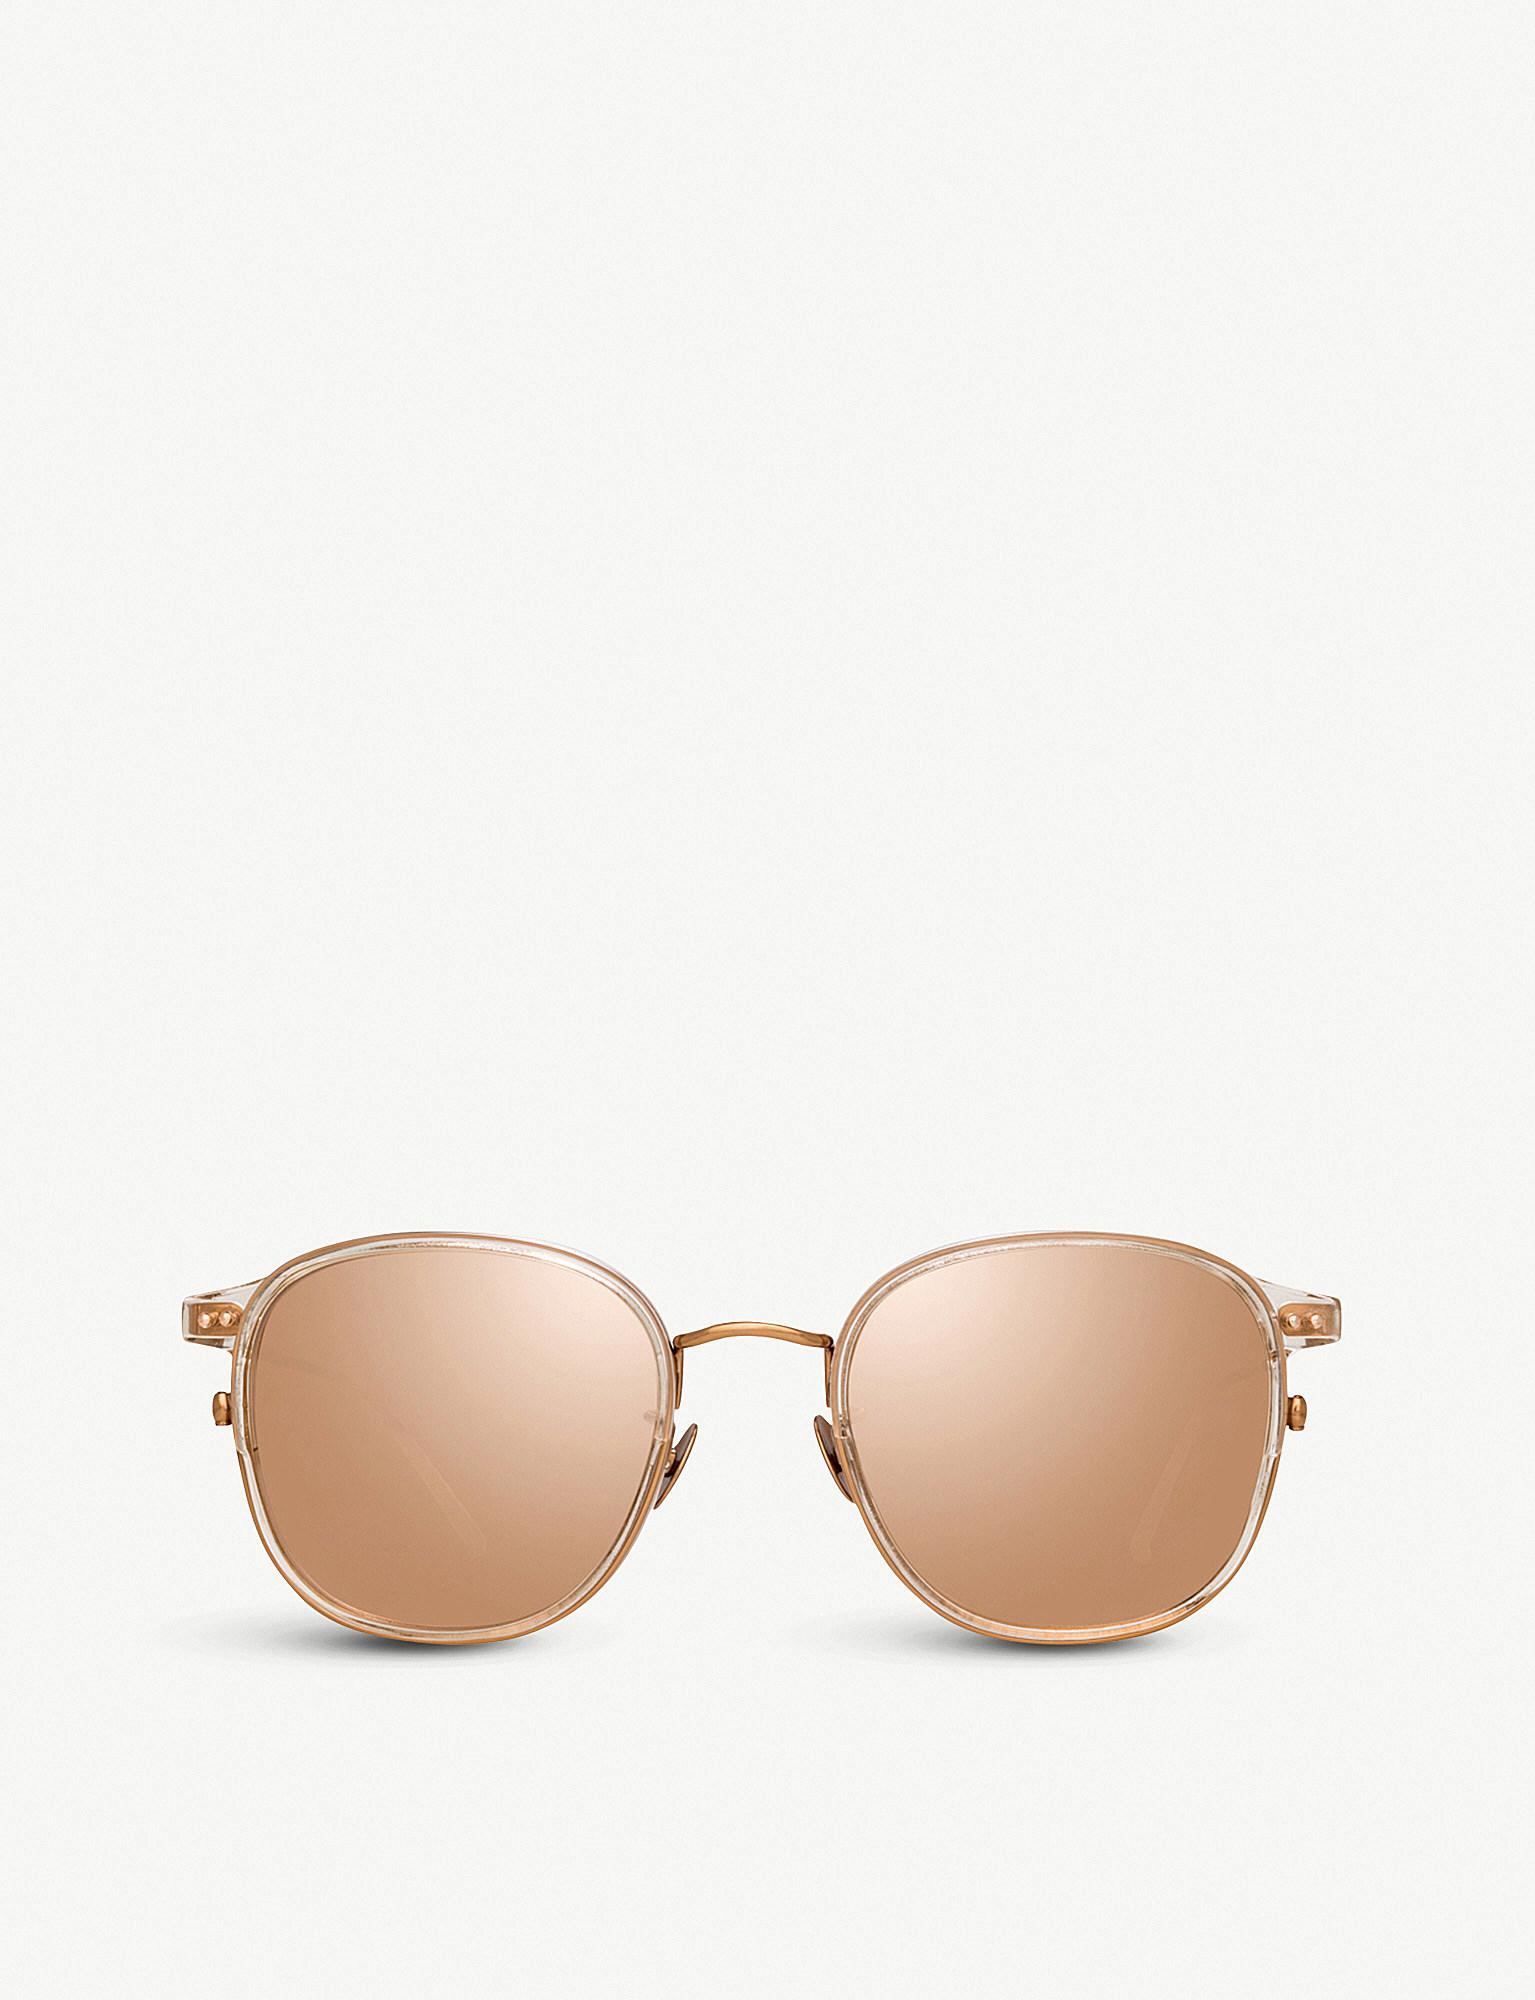 166b7026379 Linda Farrow. Women s Metallic 803 C3 Rose Gold-plated Titanium And Acetate  Square Sunglasses